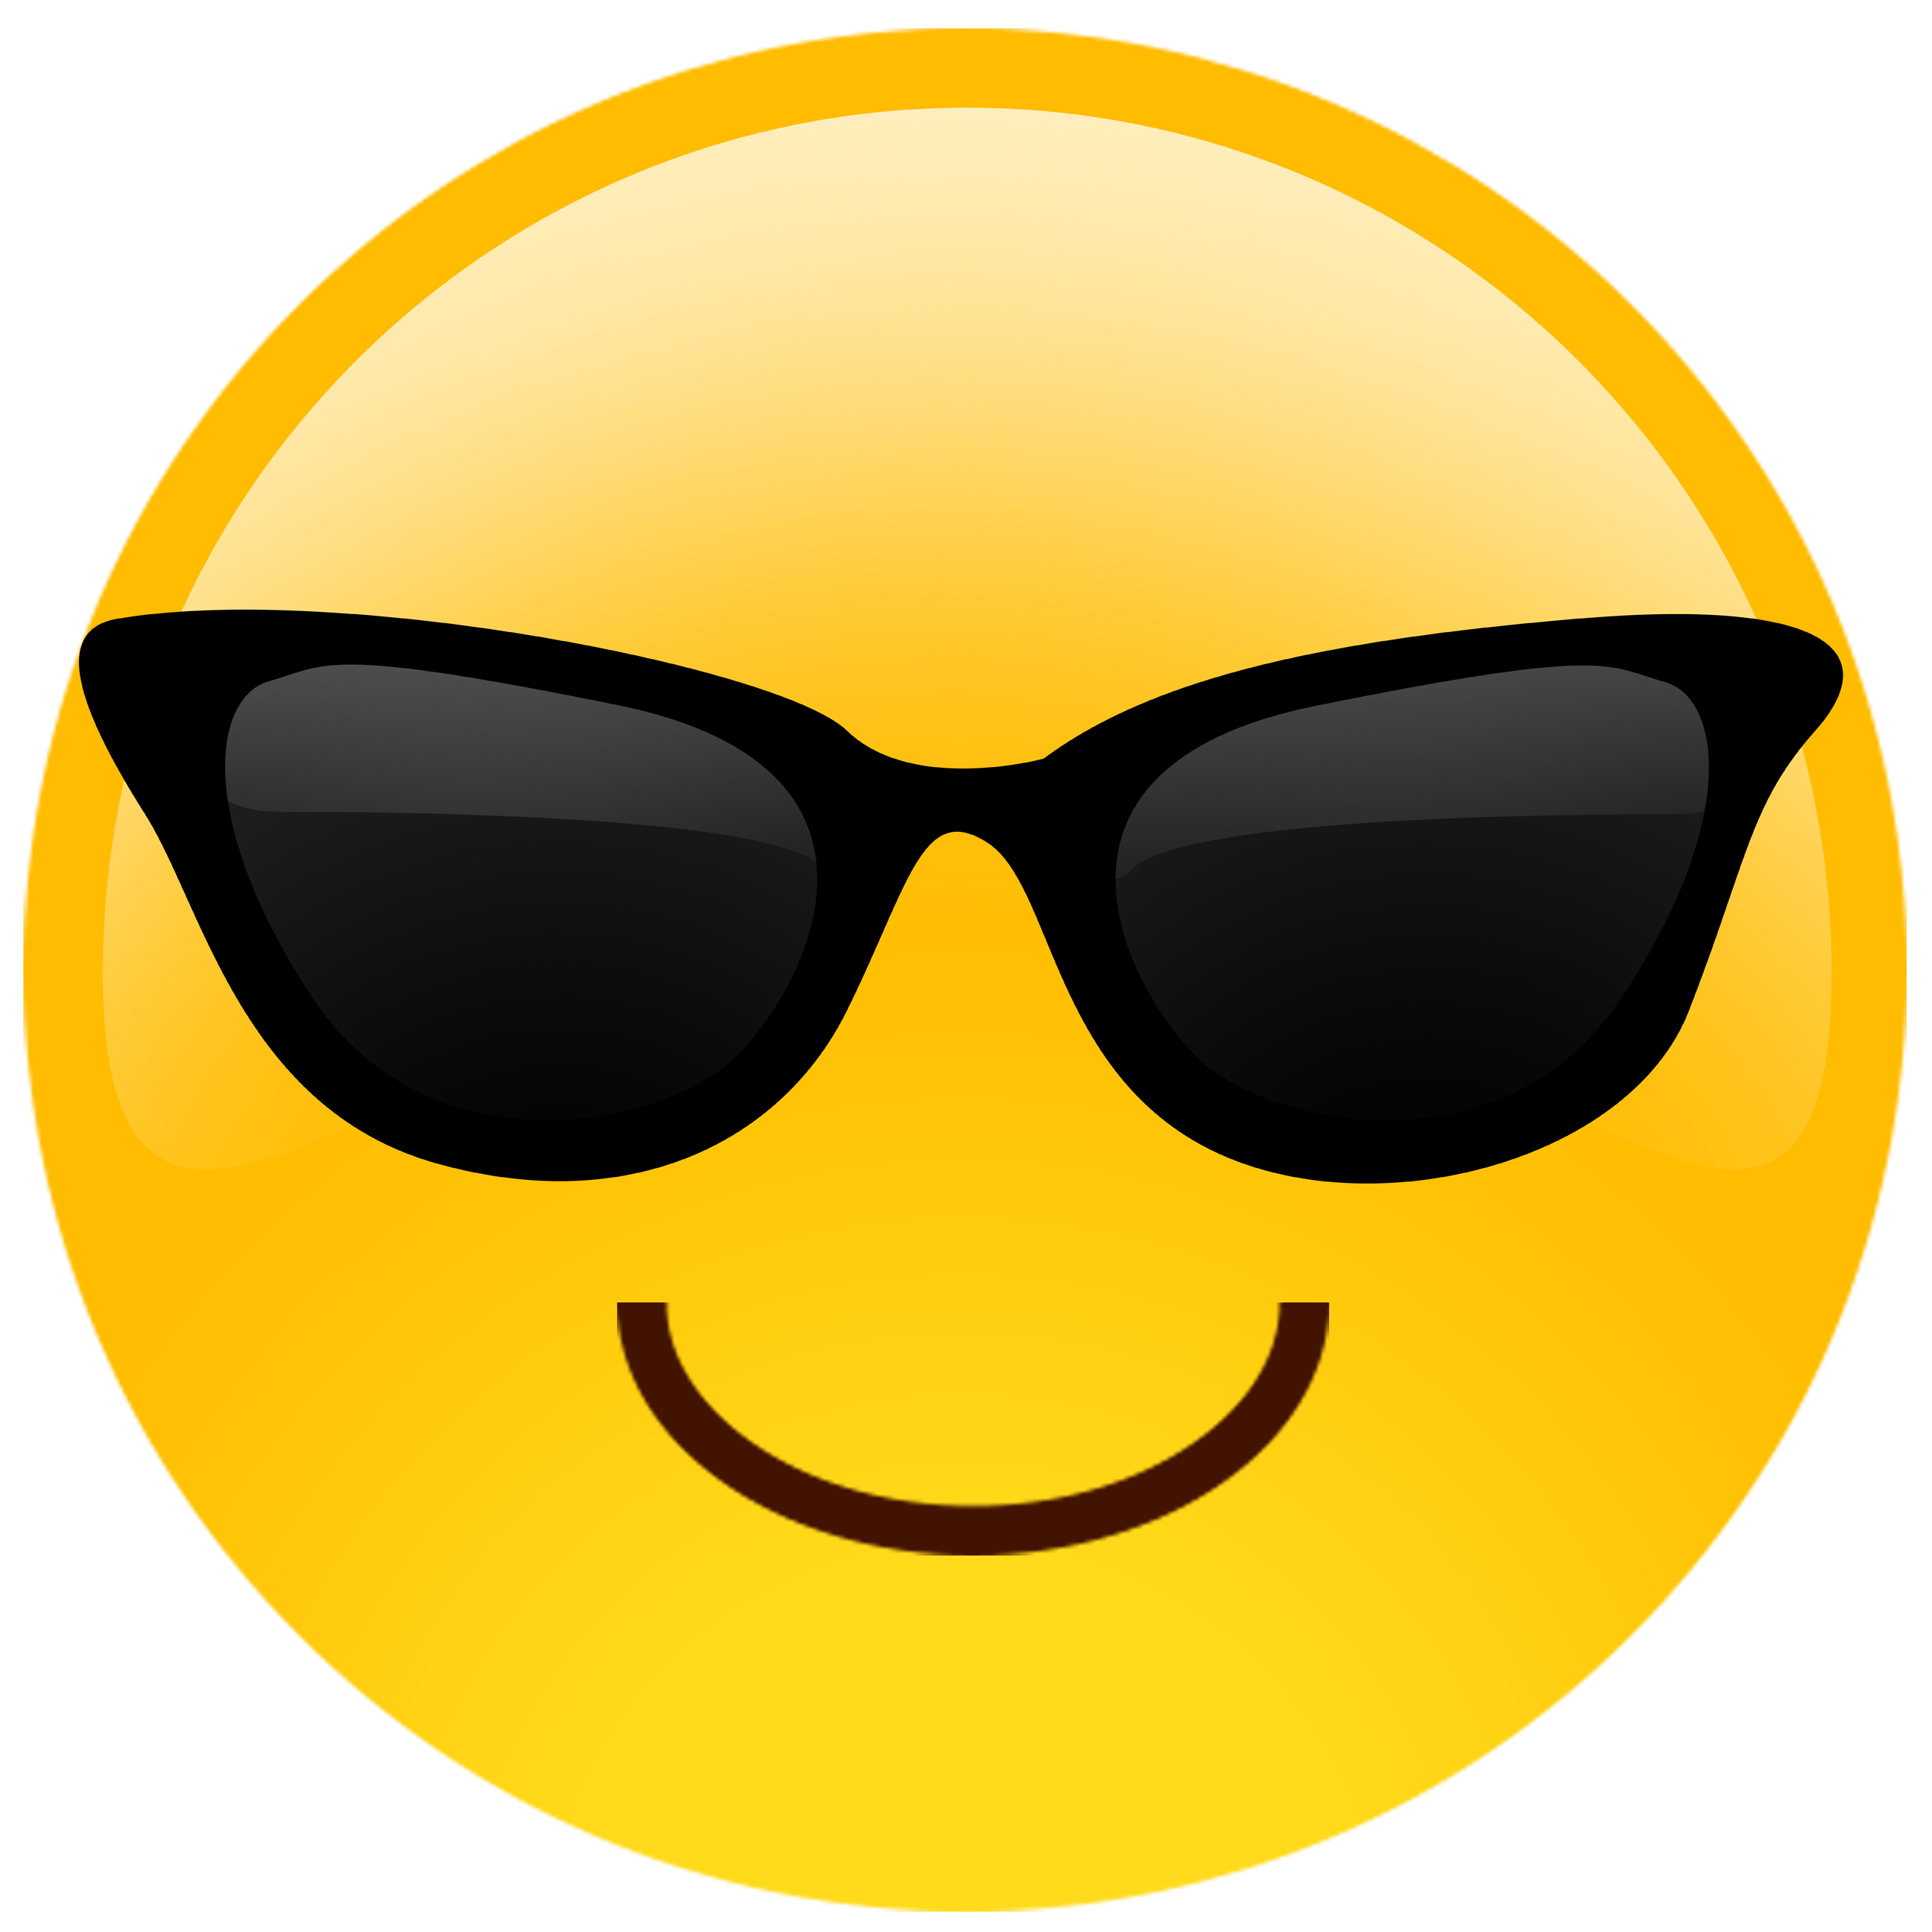 Oversized Sunglasses Cutout Emoji By Bui-Oversized Sunglasses Cutout Emoji by Build-A-Head-10